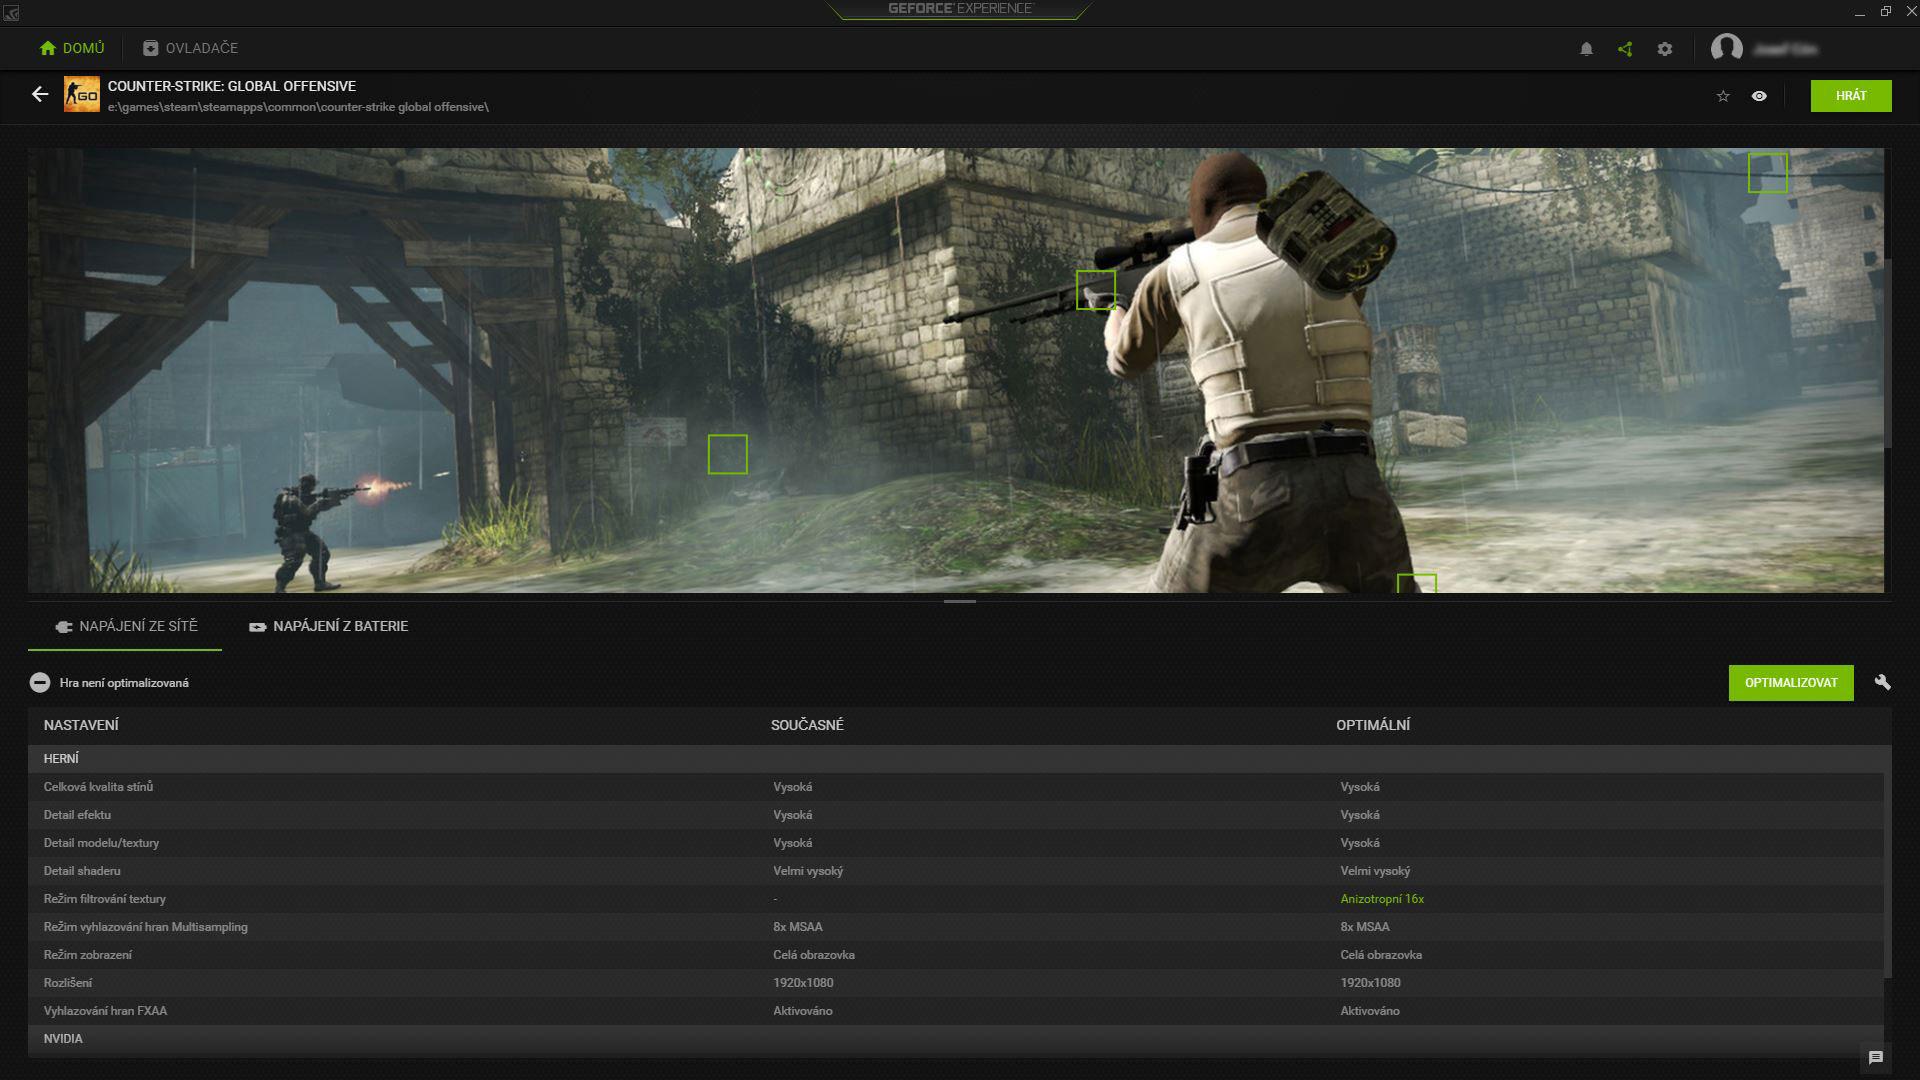 Vyfoť screenshot pomocí NVIDIA Ansel a vyhraj monitor Acer Predator 4K G-SYNC